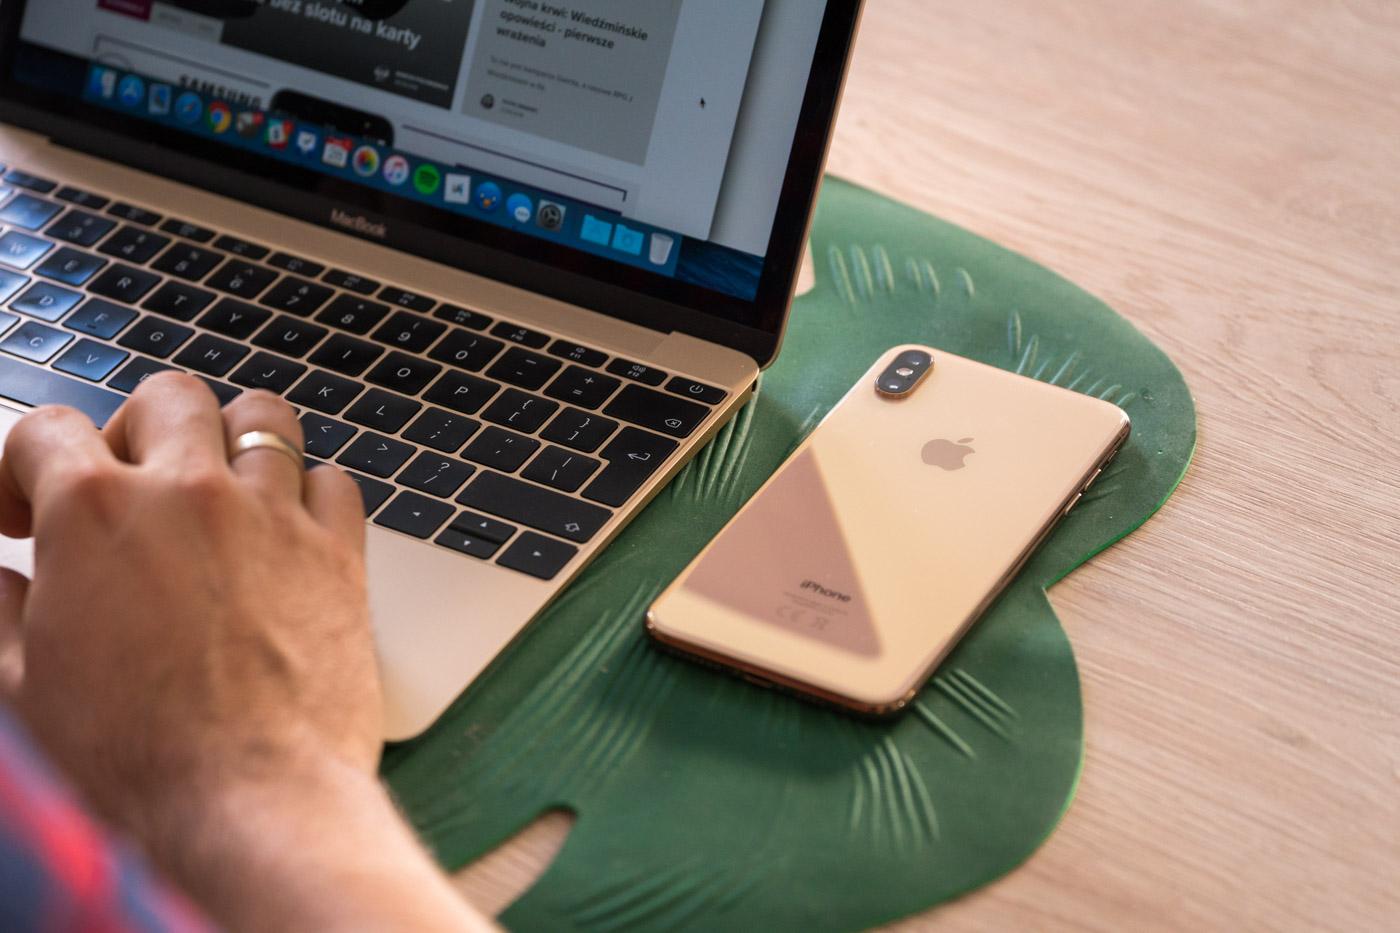 iPhone pantaila zoragarria lor dezake iPad Pro-k.  Zer gertatzen da 120 Hz-ean?